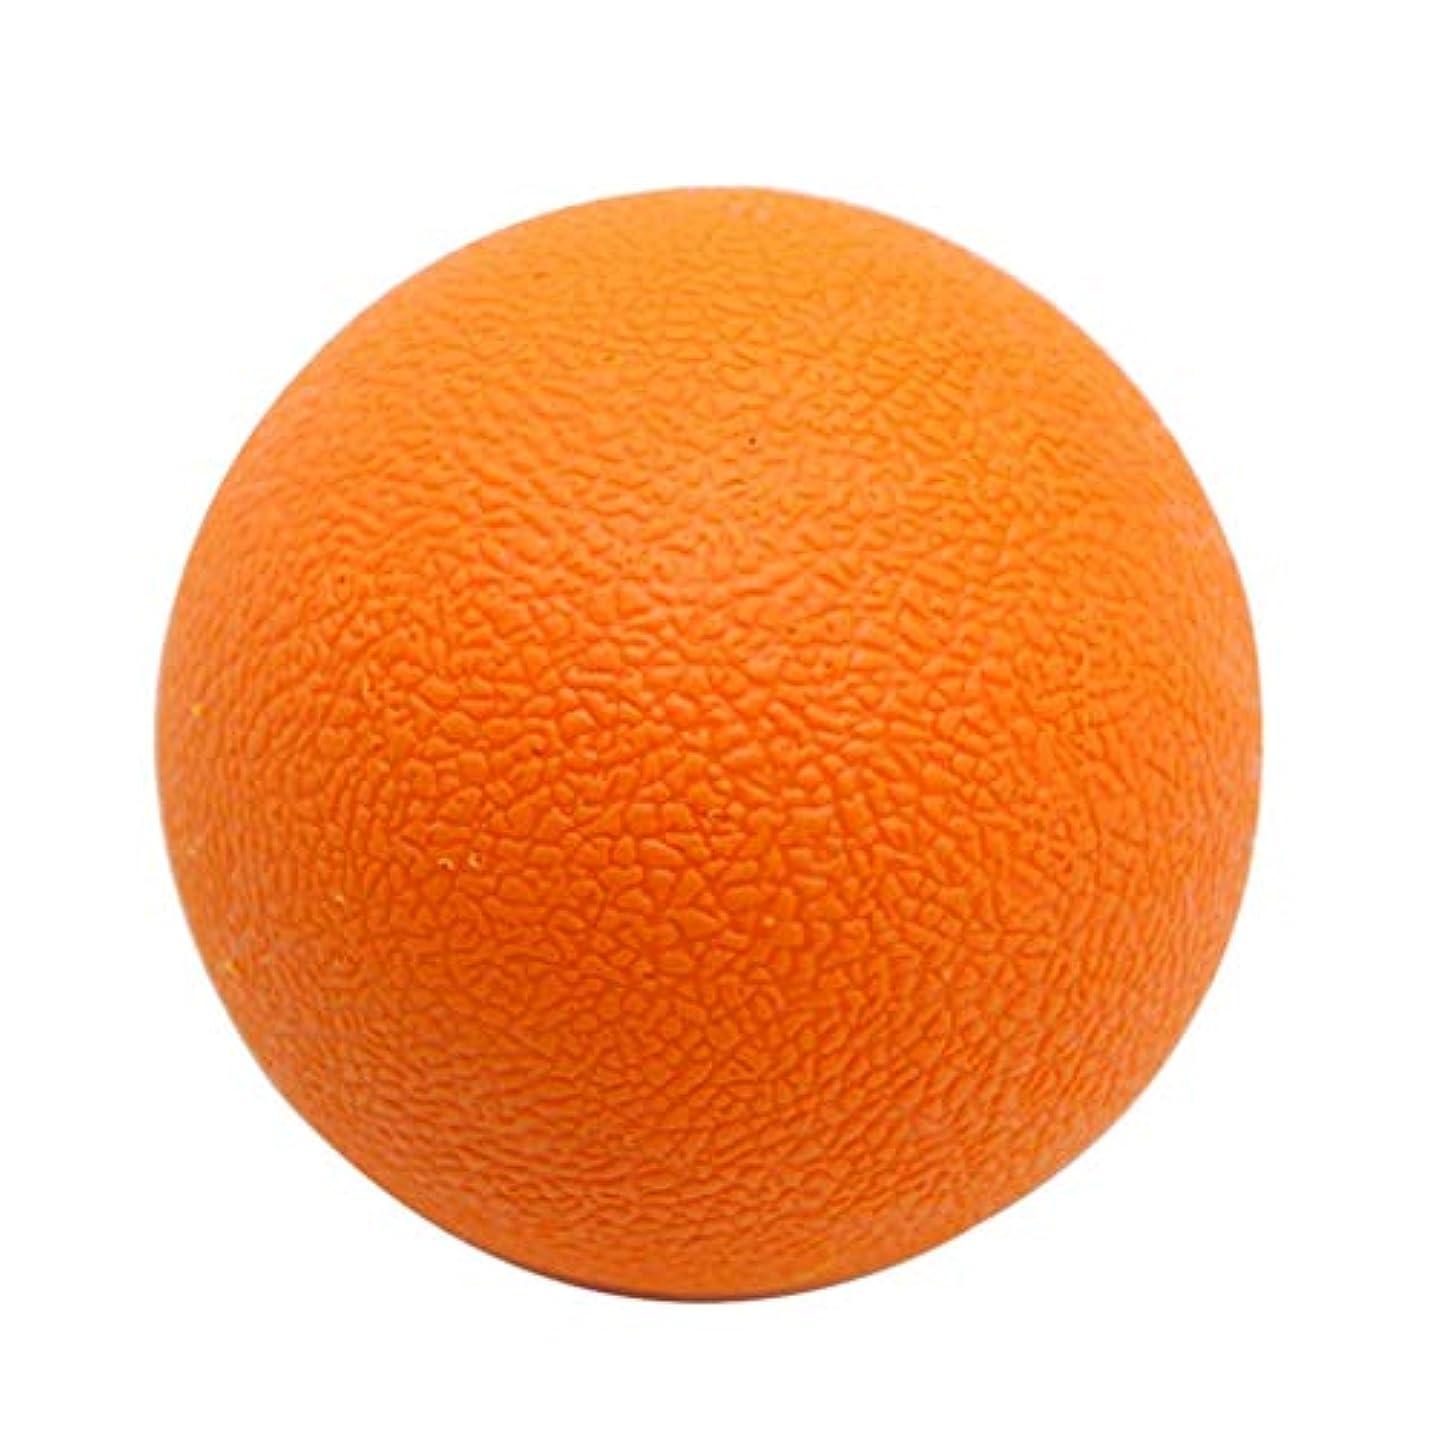 アテンダント廊下過剰FLAMEER マッサージボール TPE トリガーポイント 筋膜リリース ツボ押しグッズ 足、腕、首、背中 オレンジ